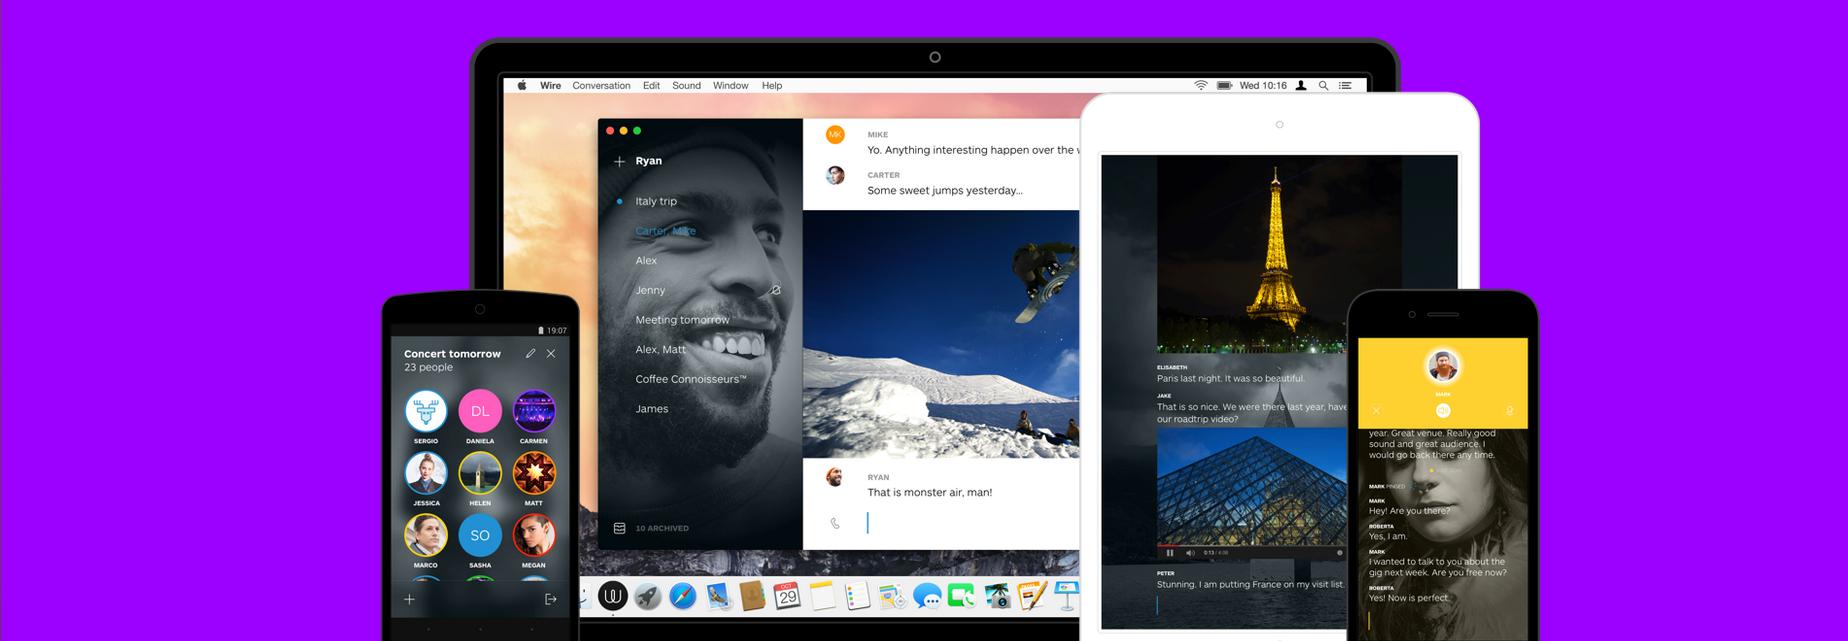 Twórca Skype'a rusza z nowym komunikatorem. Wire ma wszystko czego potrzeba i wygląda przy tym obłędnie